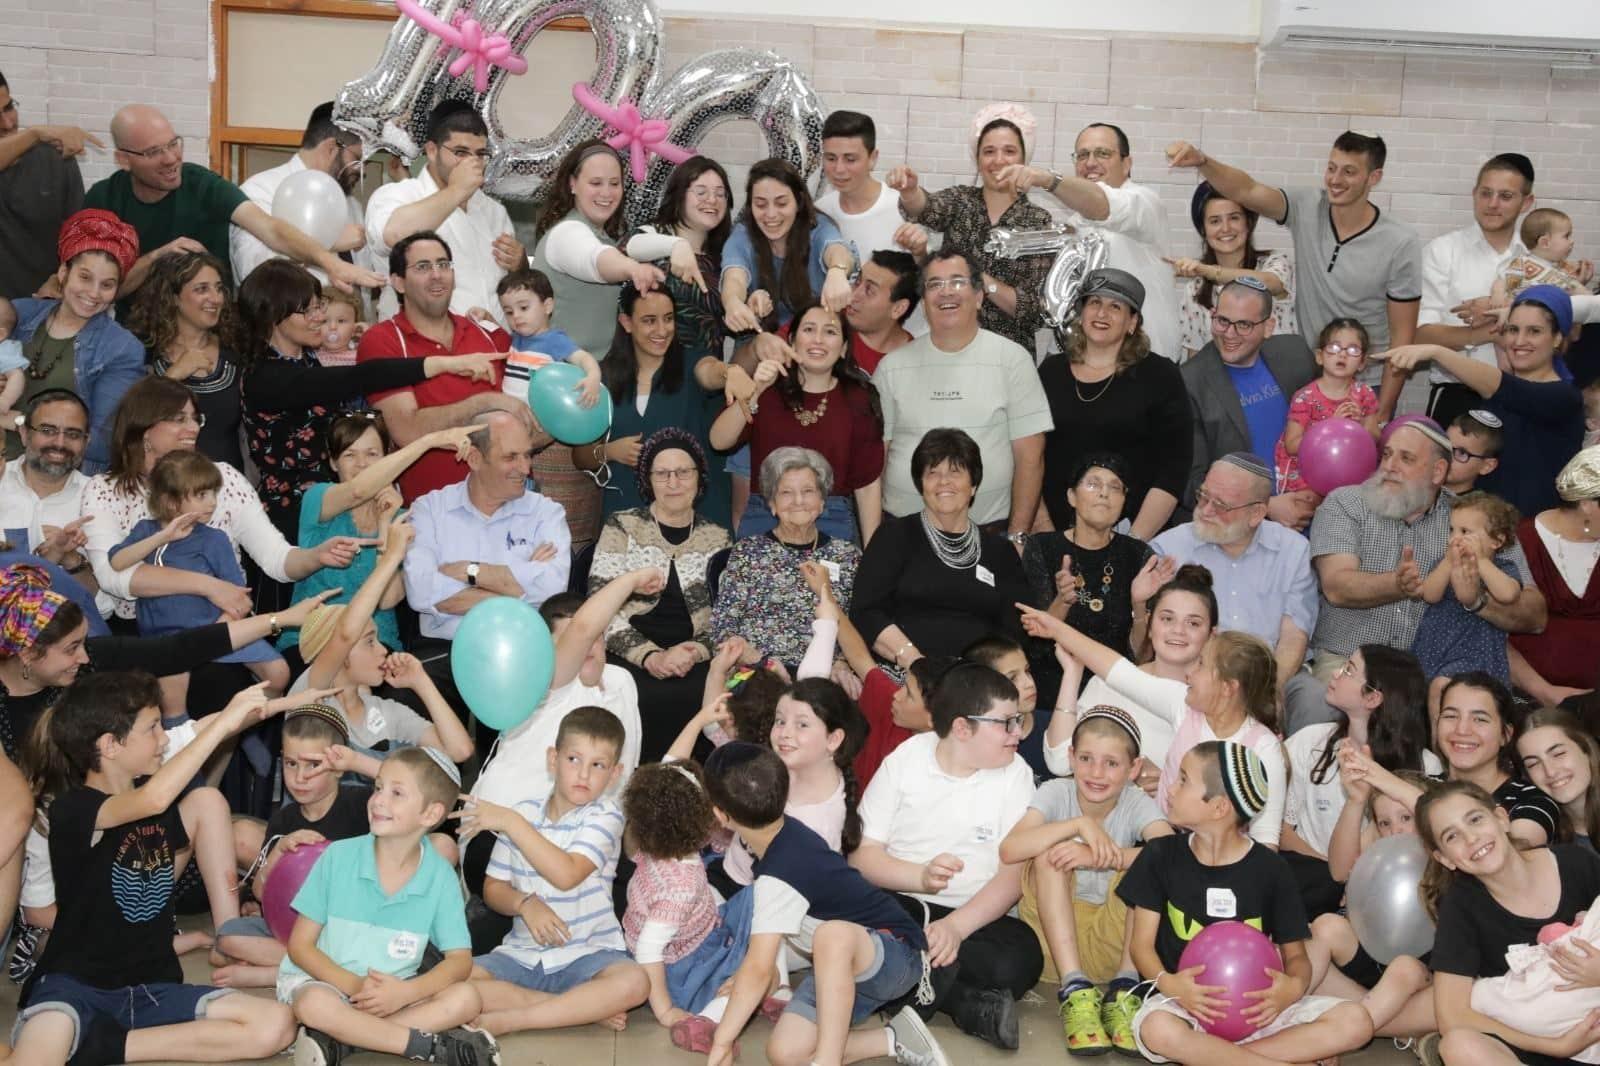 The Longest-Running Torah Class